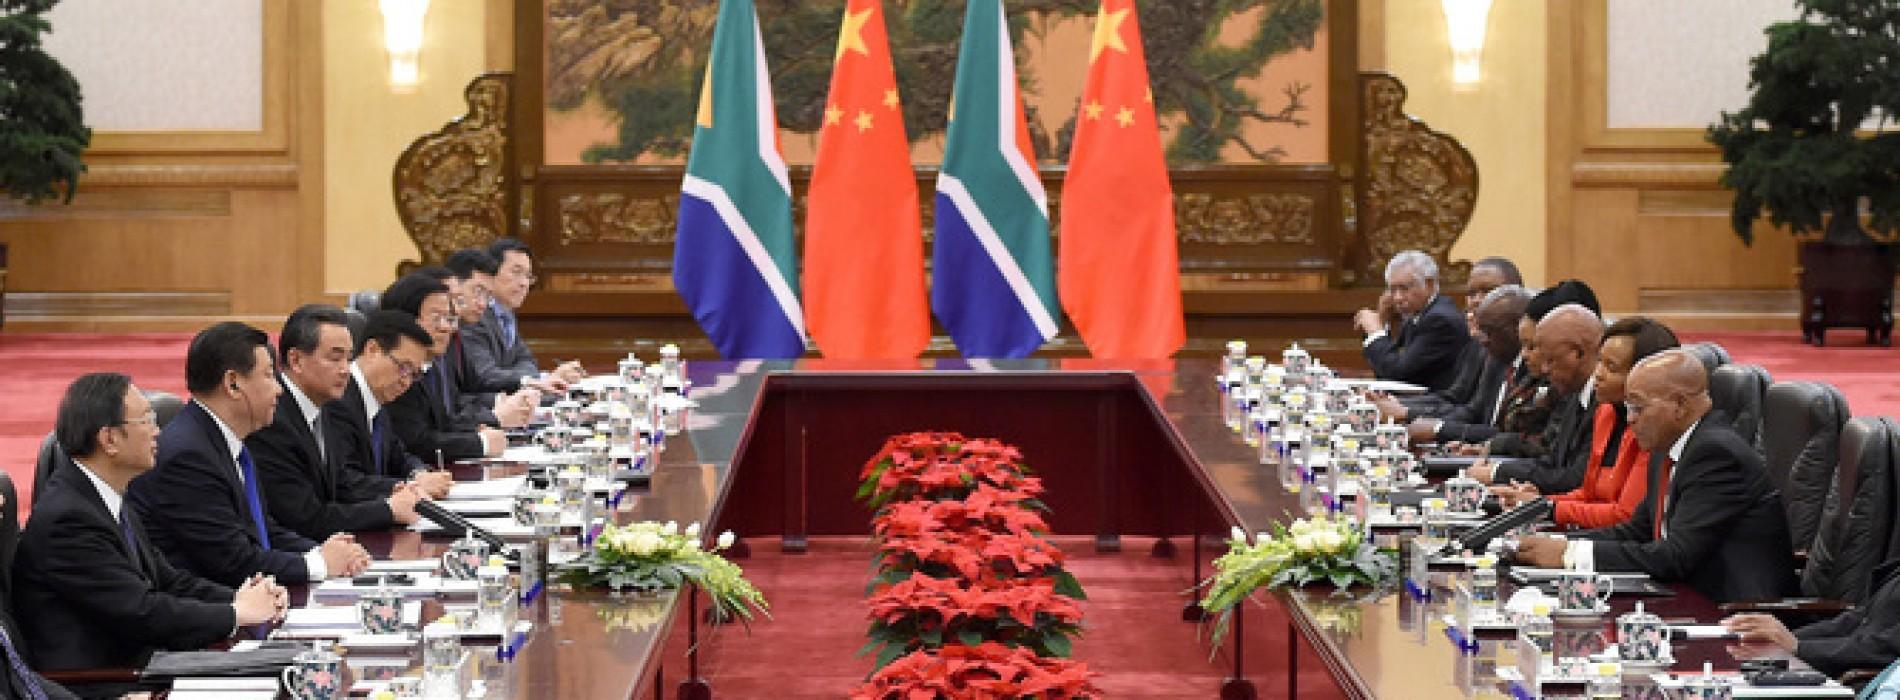 Sud Africa e Cina, dietro al gioco di specchi